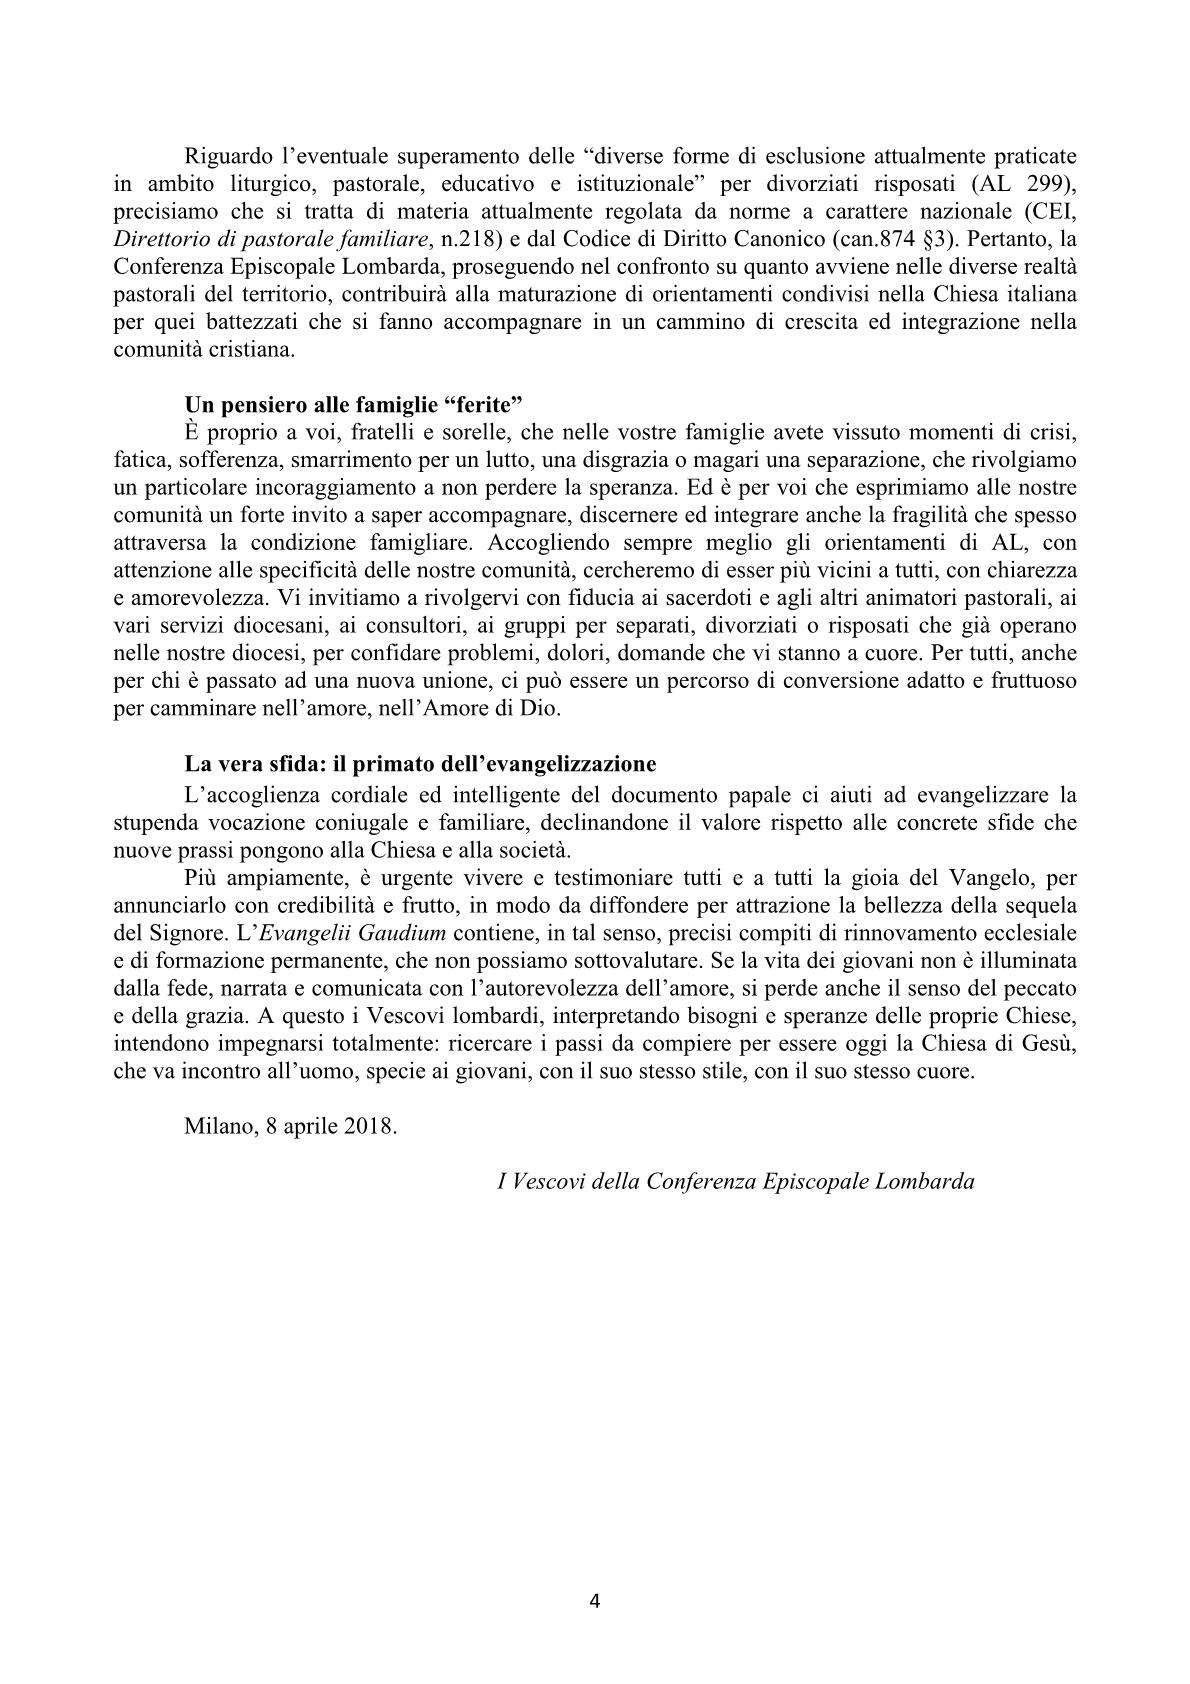 Lettera-dei-Vescovi-Lombardi-sulla-Amoris-Laetitia4